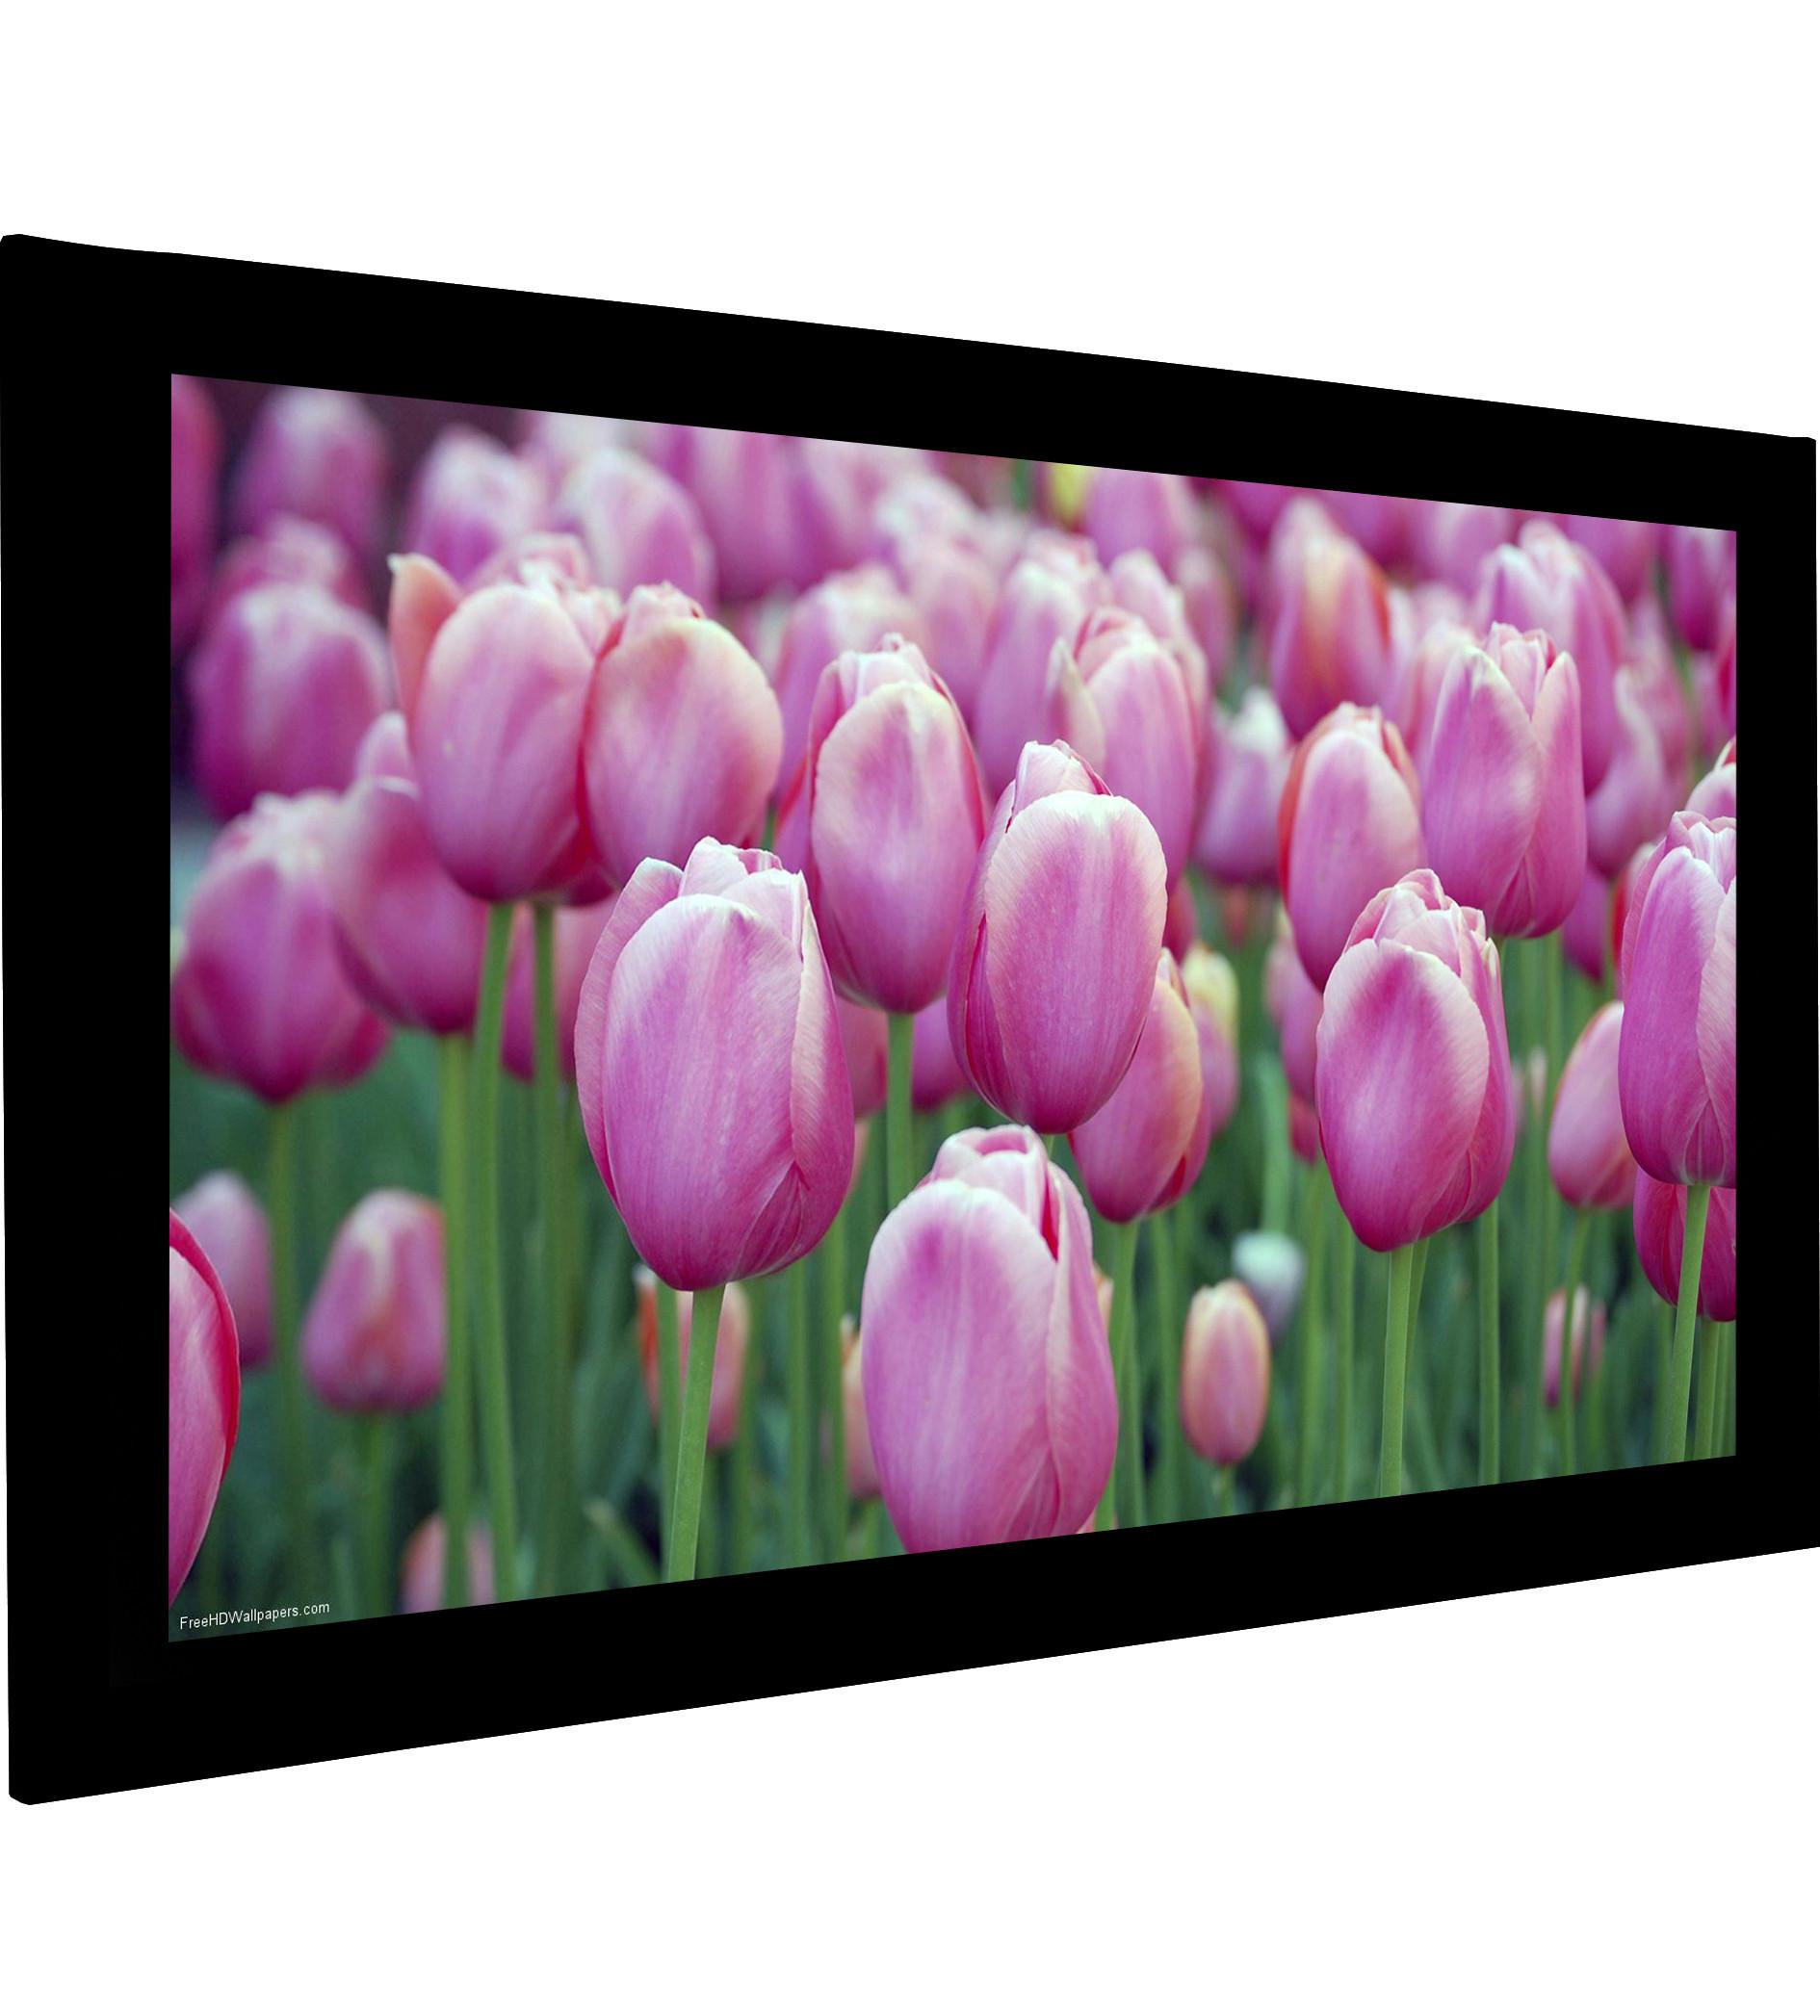 Frame Vision VS300-W